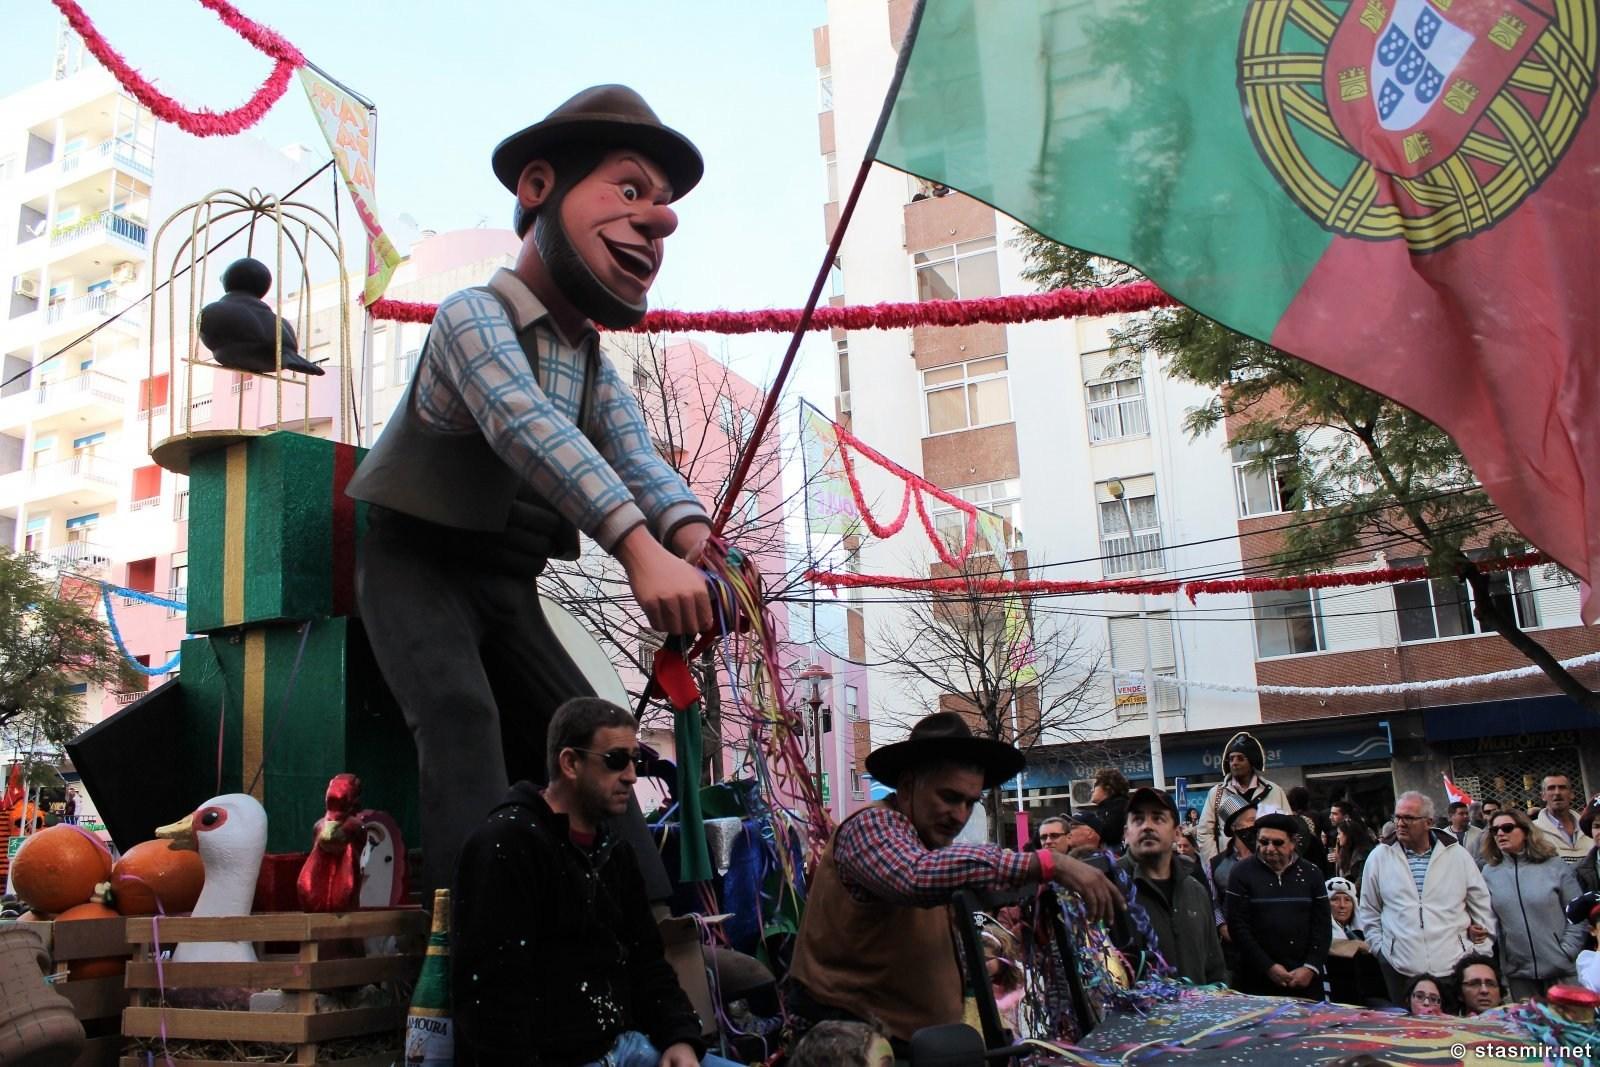 карнавал в Португалии, Лоле, фото Стасмир, photo Stasmir